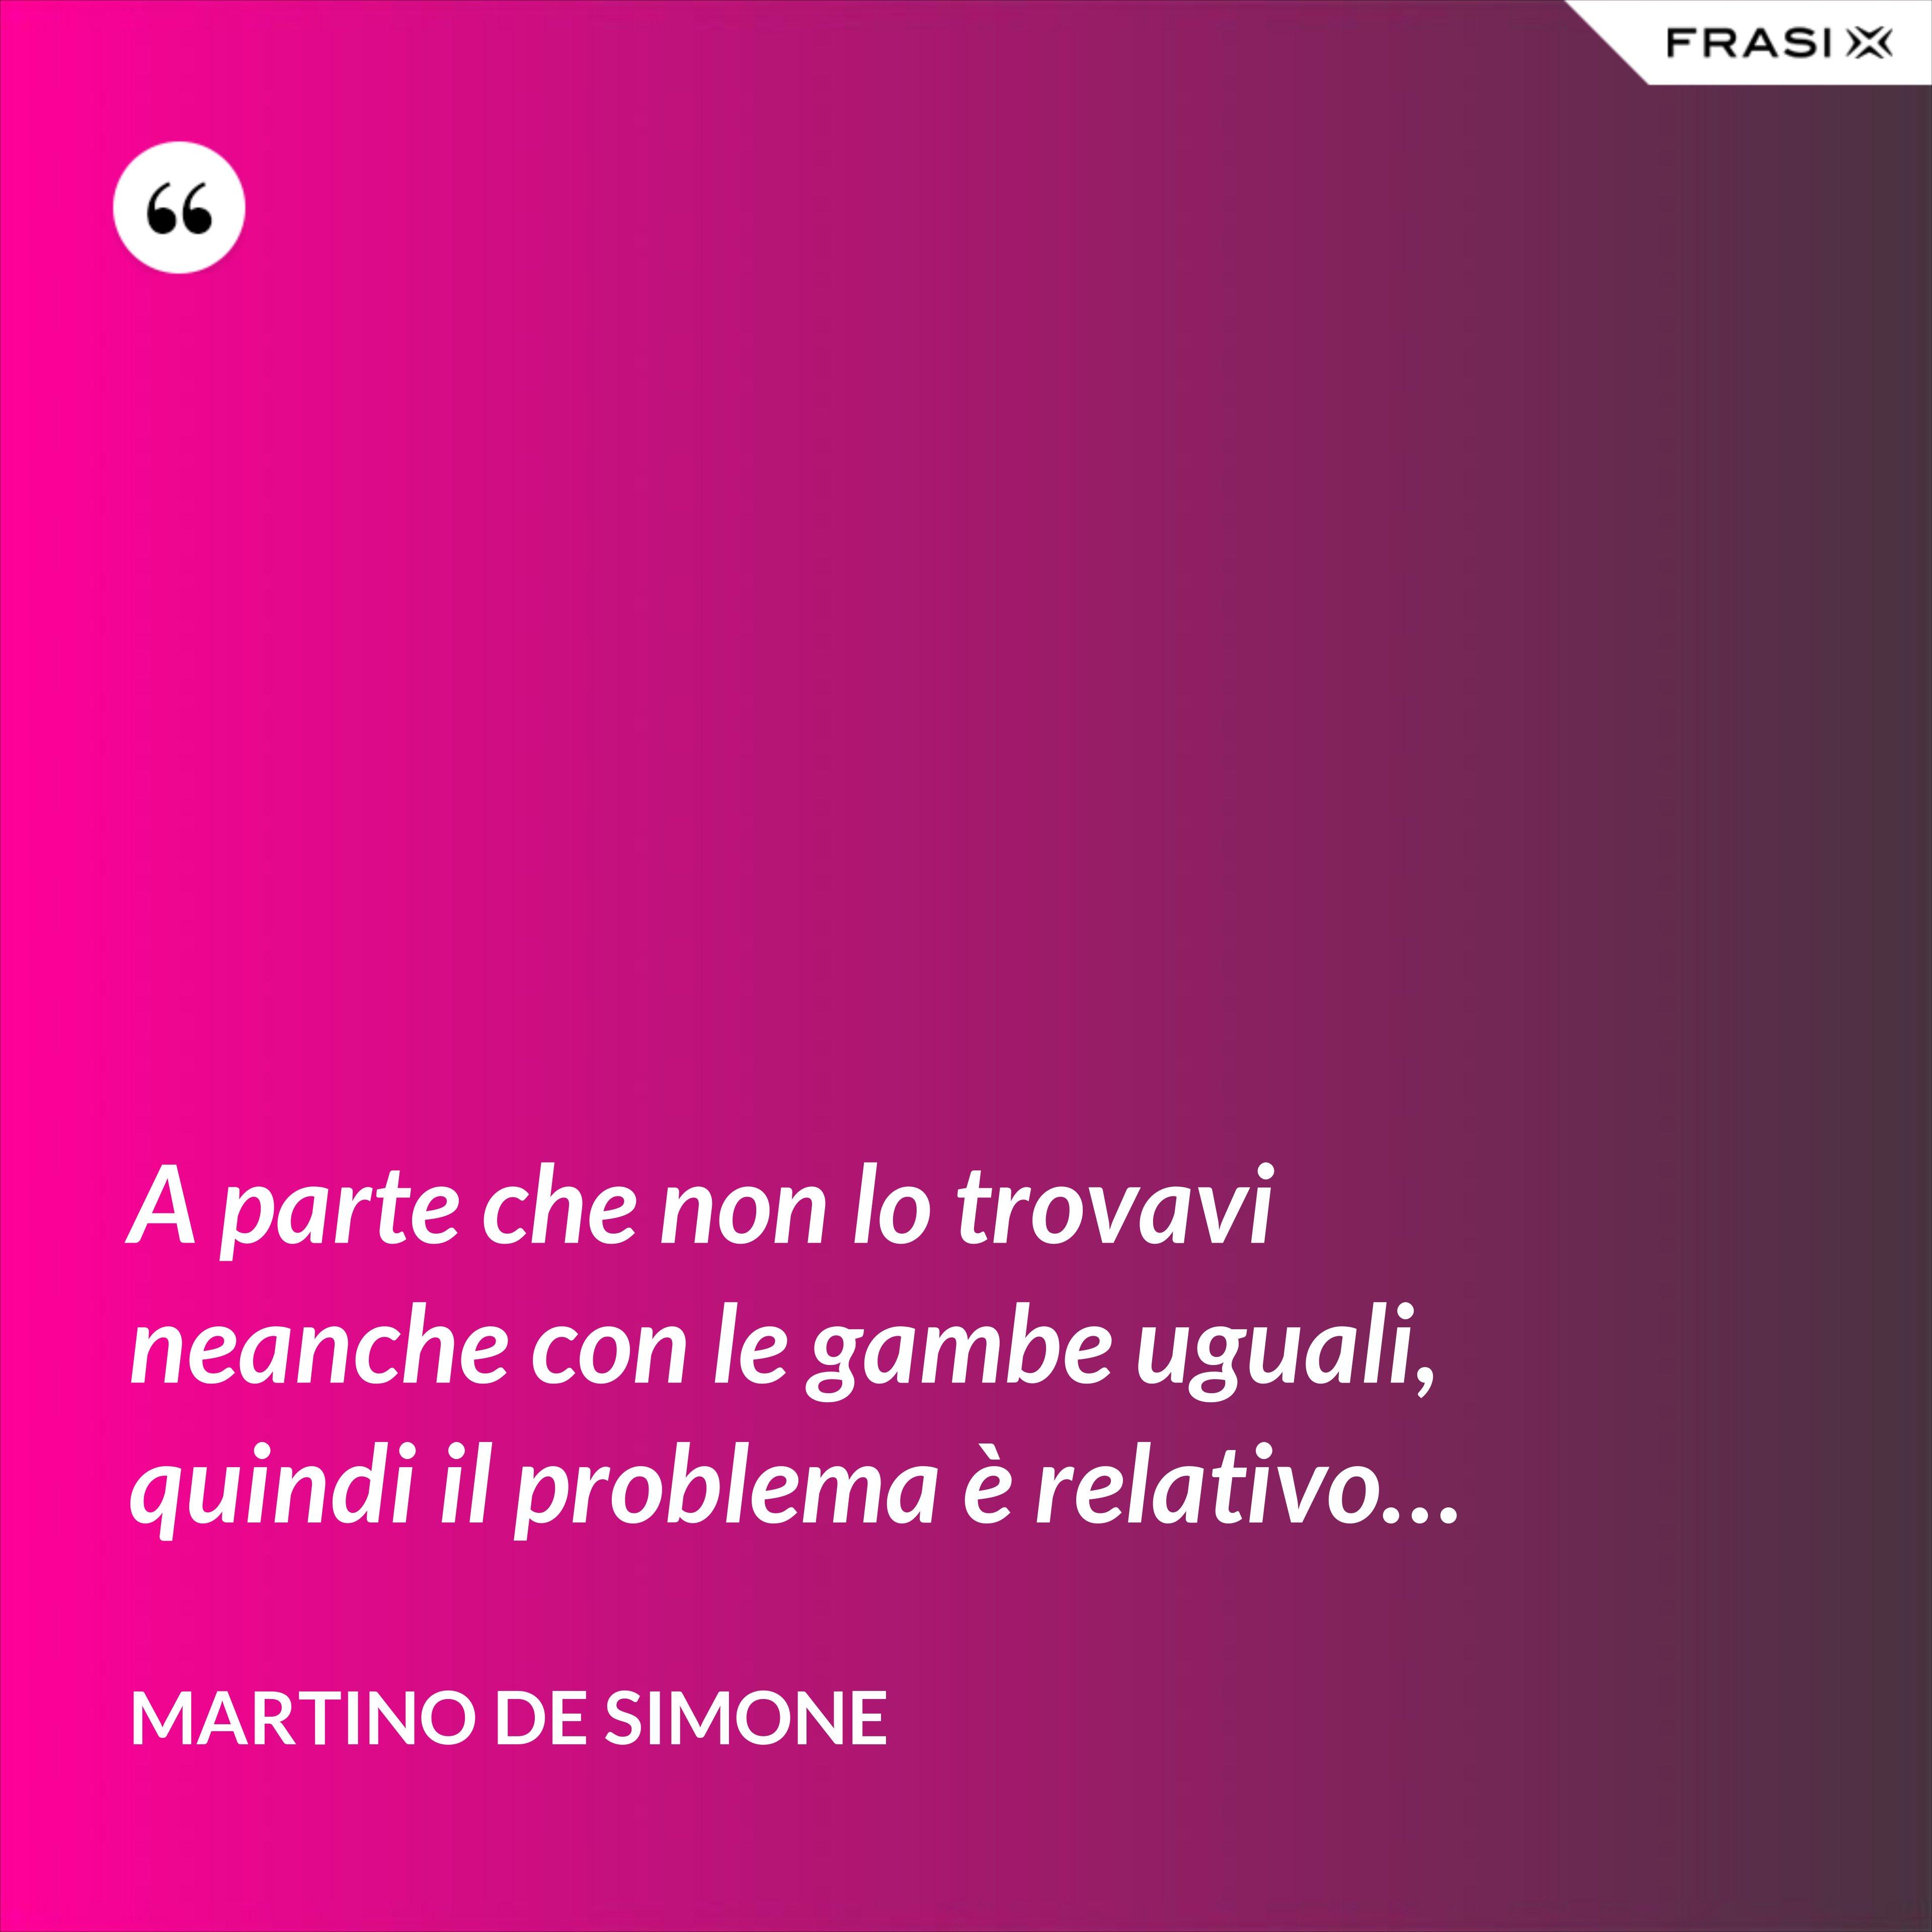 A parte che non lo trovavi neanche con le gambe uguali, quindi il problema è relativo… - Martino De Simone